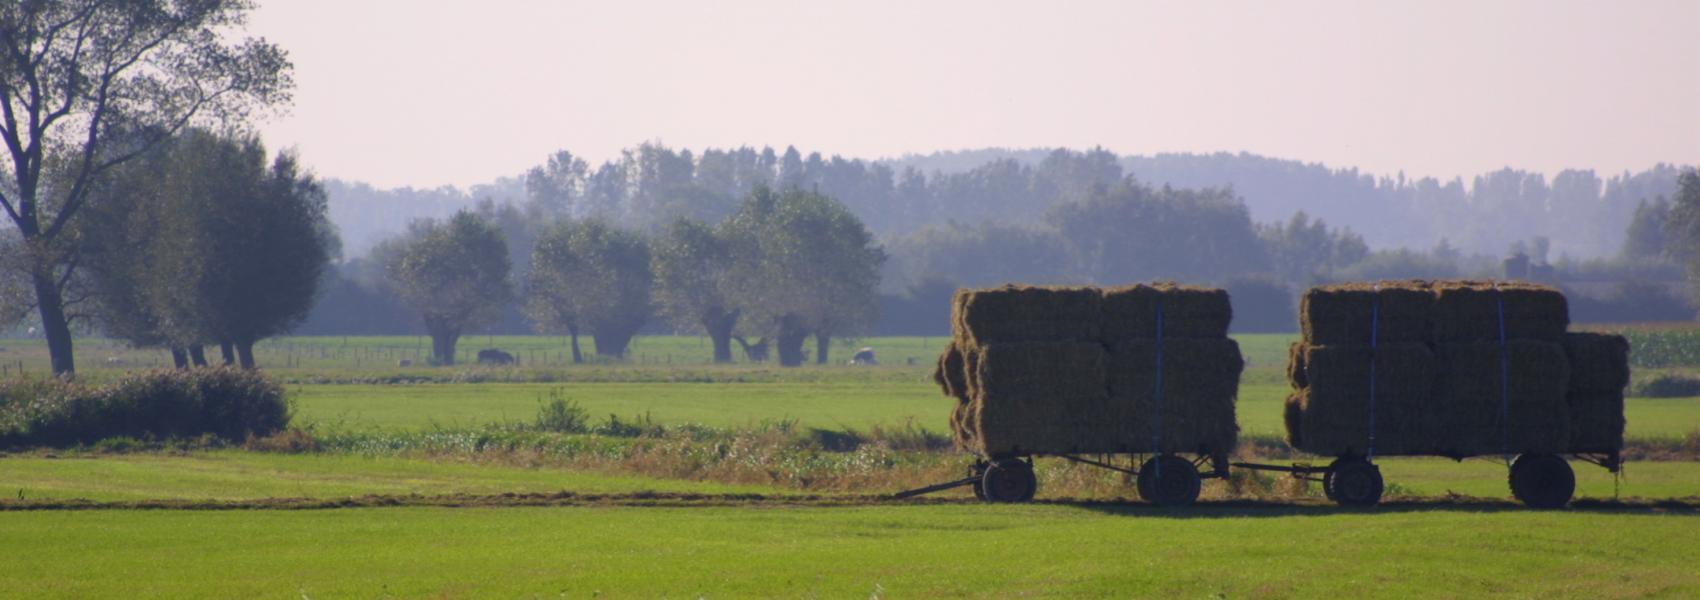 hooiwagen in het landschap